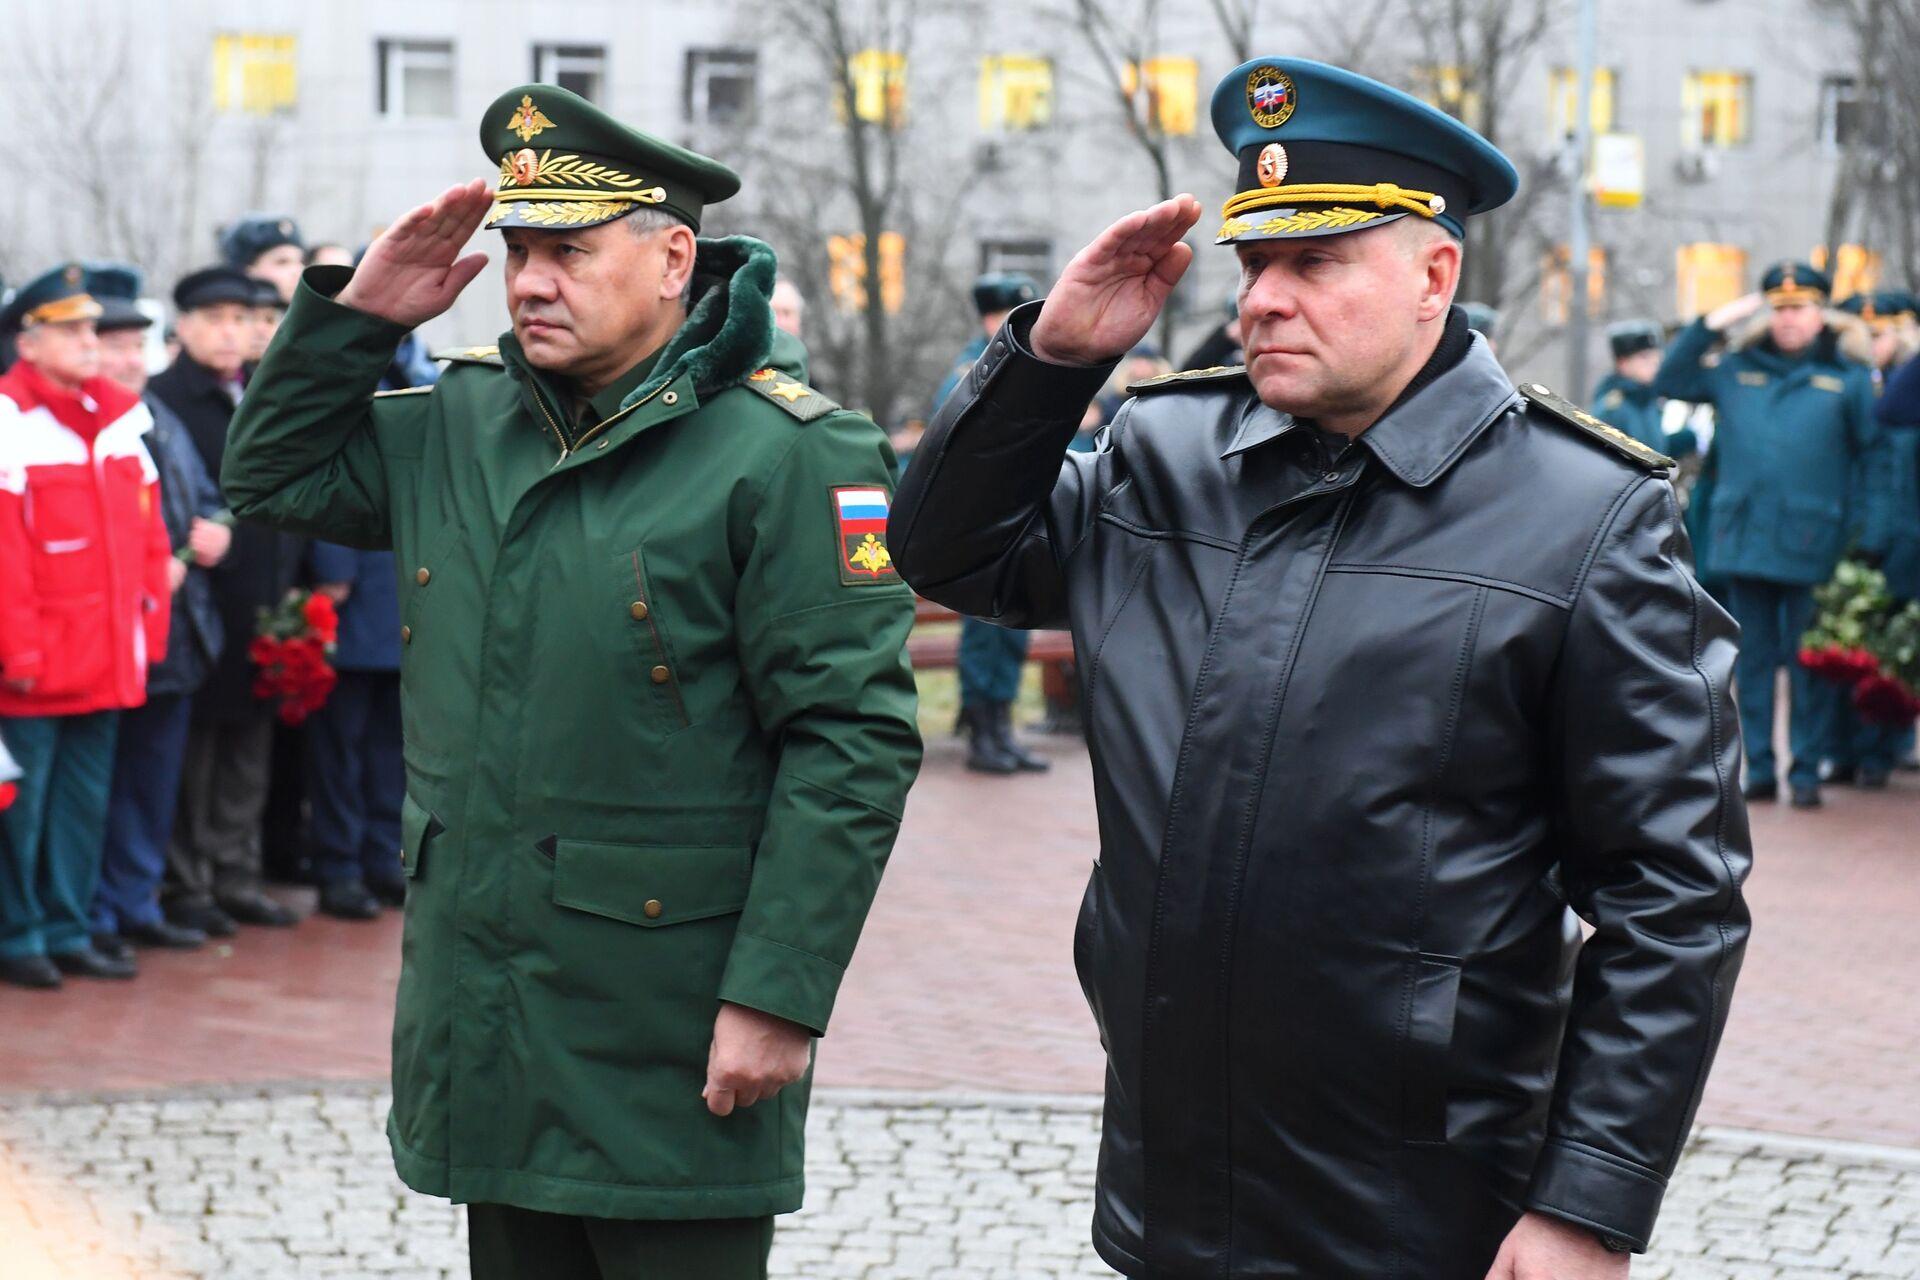 Bộ trưởng Quốc phòng Sergei Shoigu và Bộ trưởng Các tình trạng khẩn cấp Yevgeny Zinichev - Sputnik Việt Nam, 1920, 05.10.2021